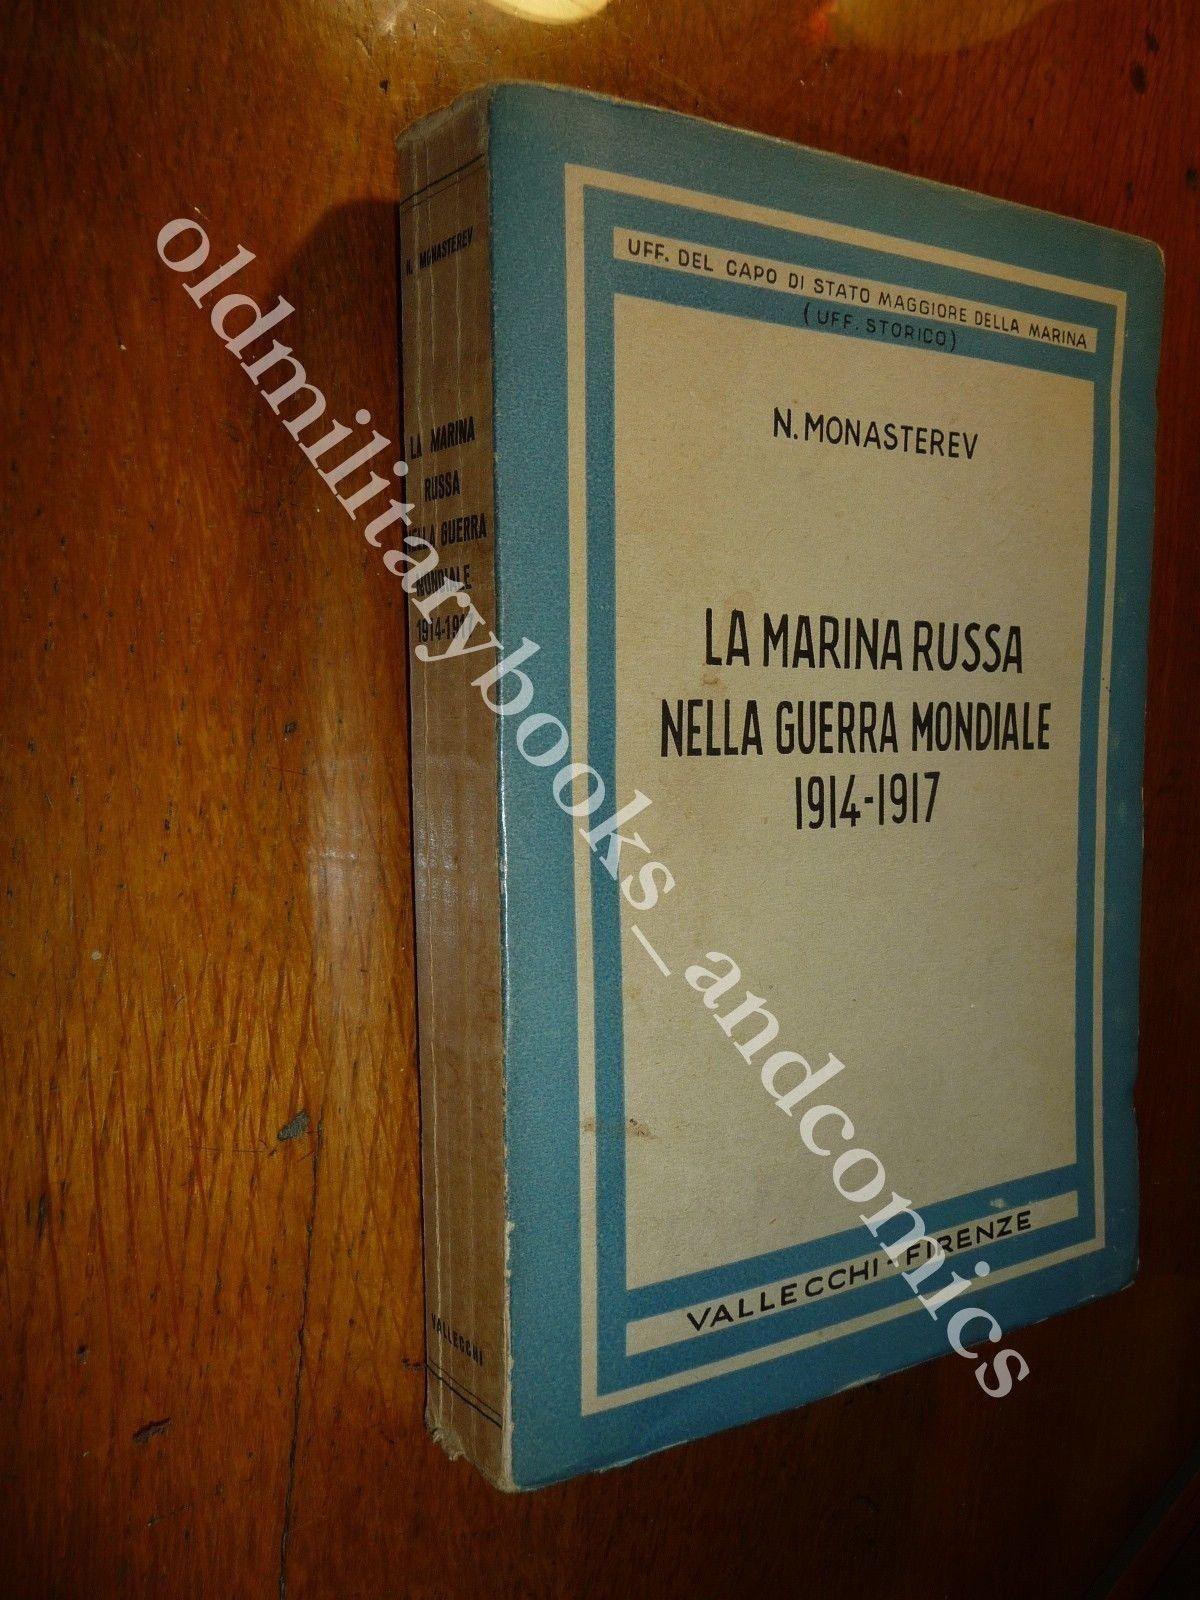 LA MARINA RUSSA NELLA GUERRA MONDIALE 1914-1917 RIGA BALTICO SOMMERGIBILI M NERO